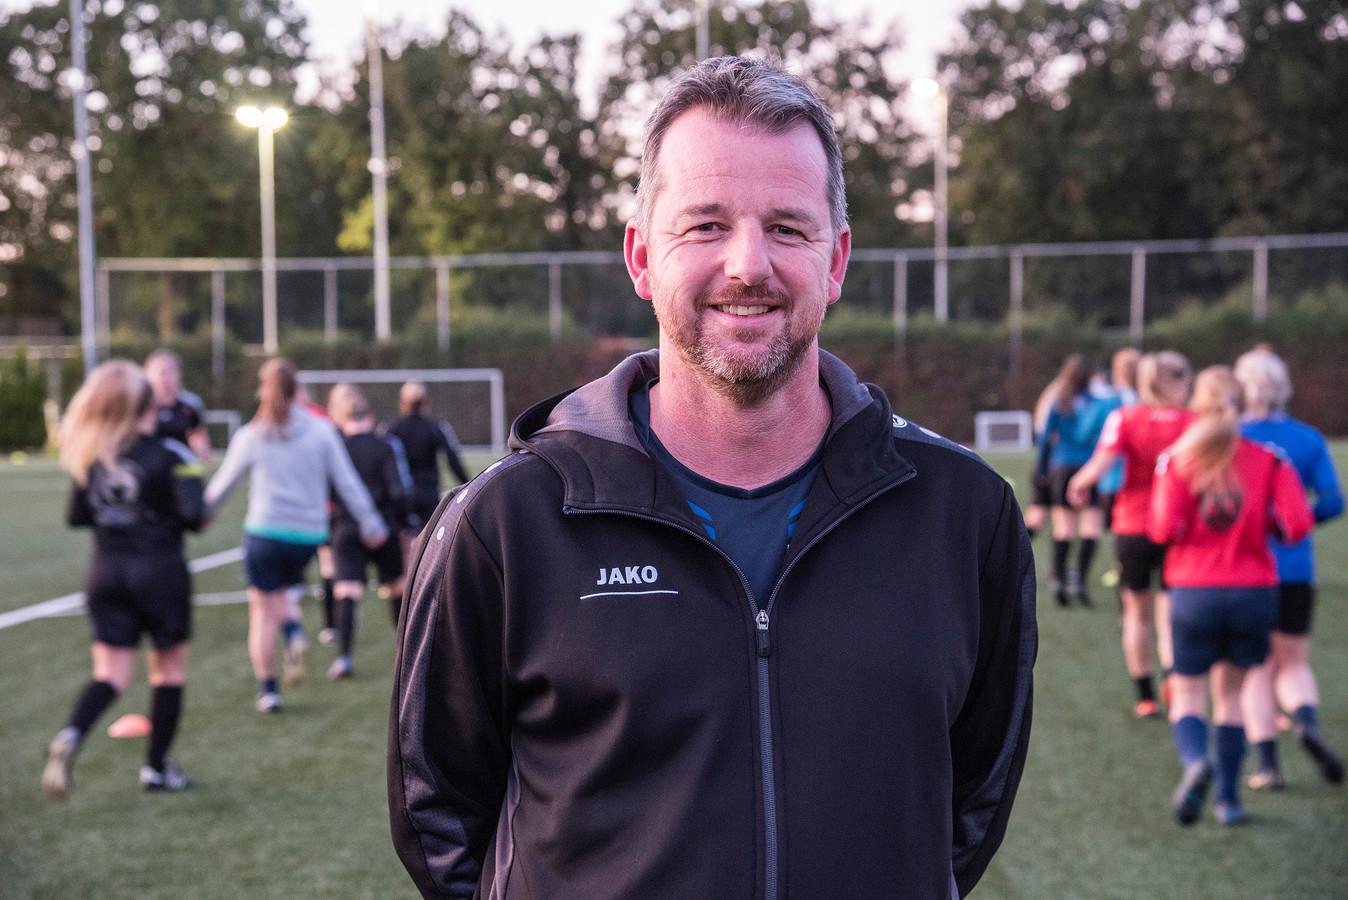 Marcel Nillissen is de nieuwe trainer van het vrouwenelftal van SSS'18 in Overloon.